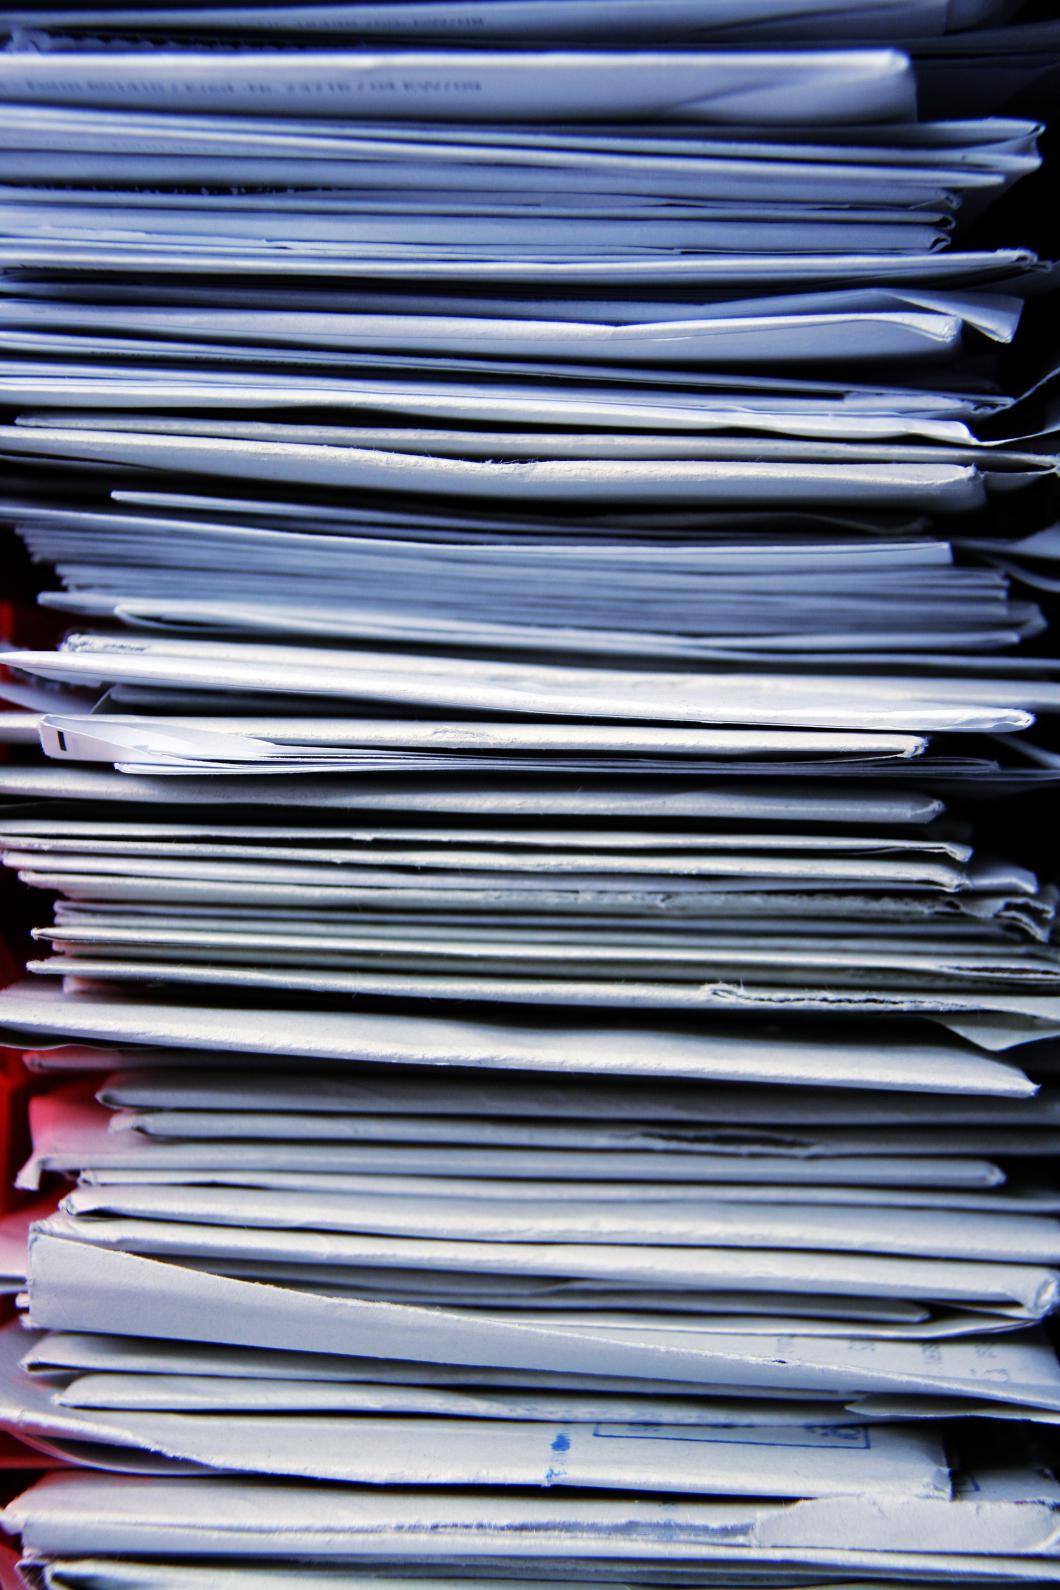 Ny möjlighet för forskningsregister får skarp kritik av Datainspektionen